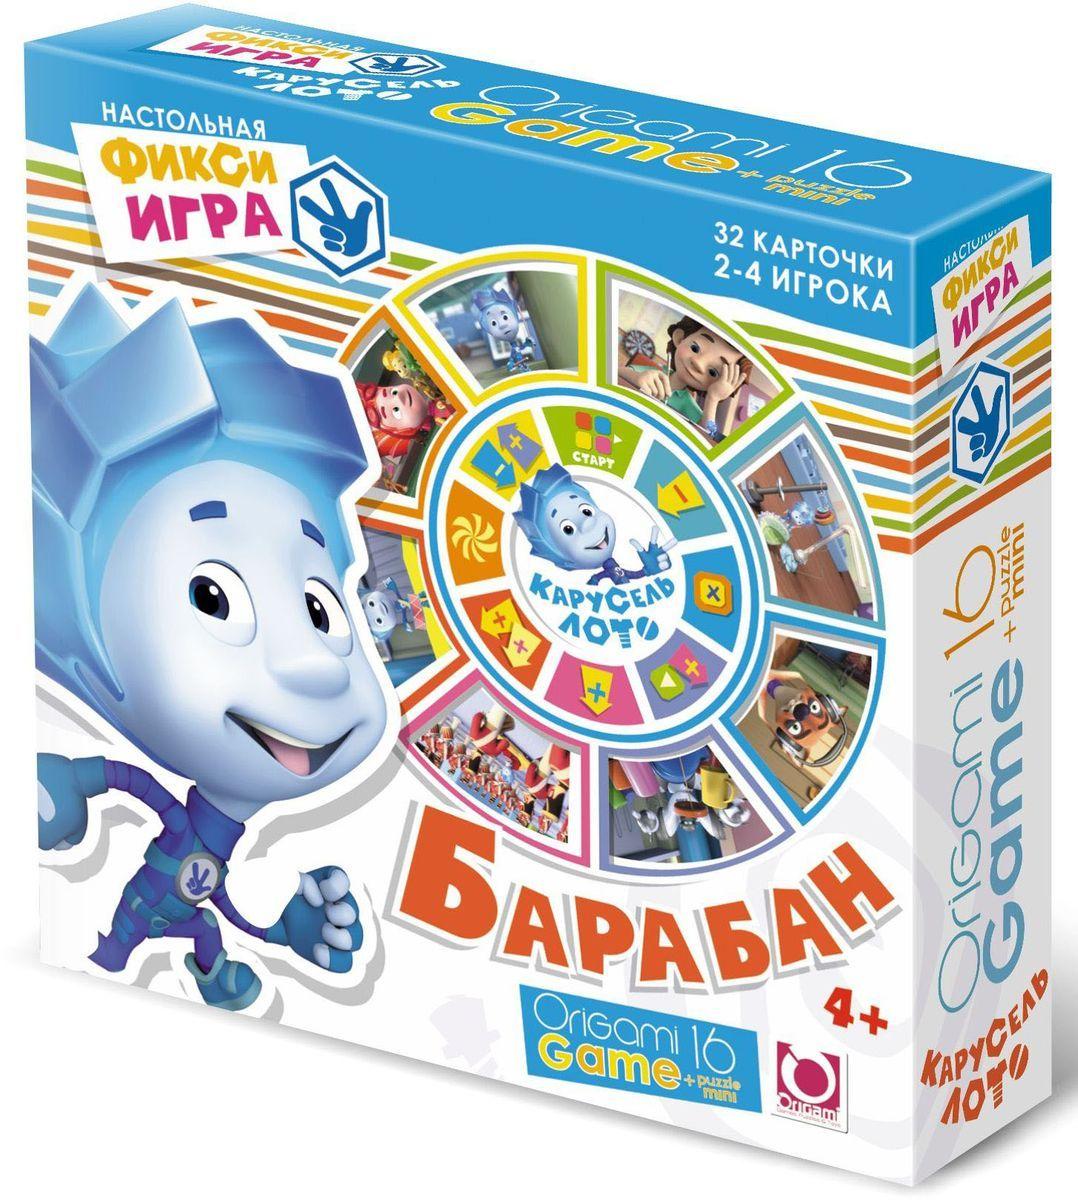 Оригами Обучающая игра Барабан00535Настольная игра с героями мультсериала Фиксики станет увлекательным и познавательным приключением, а также поможет ребёнку развить в игровой форме сообразительность, смекалку, научит считать, ассоциативно мыслить и стремиться к победе. В состав игры входят поле, карточки, фишки, кубик.